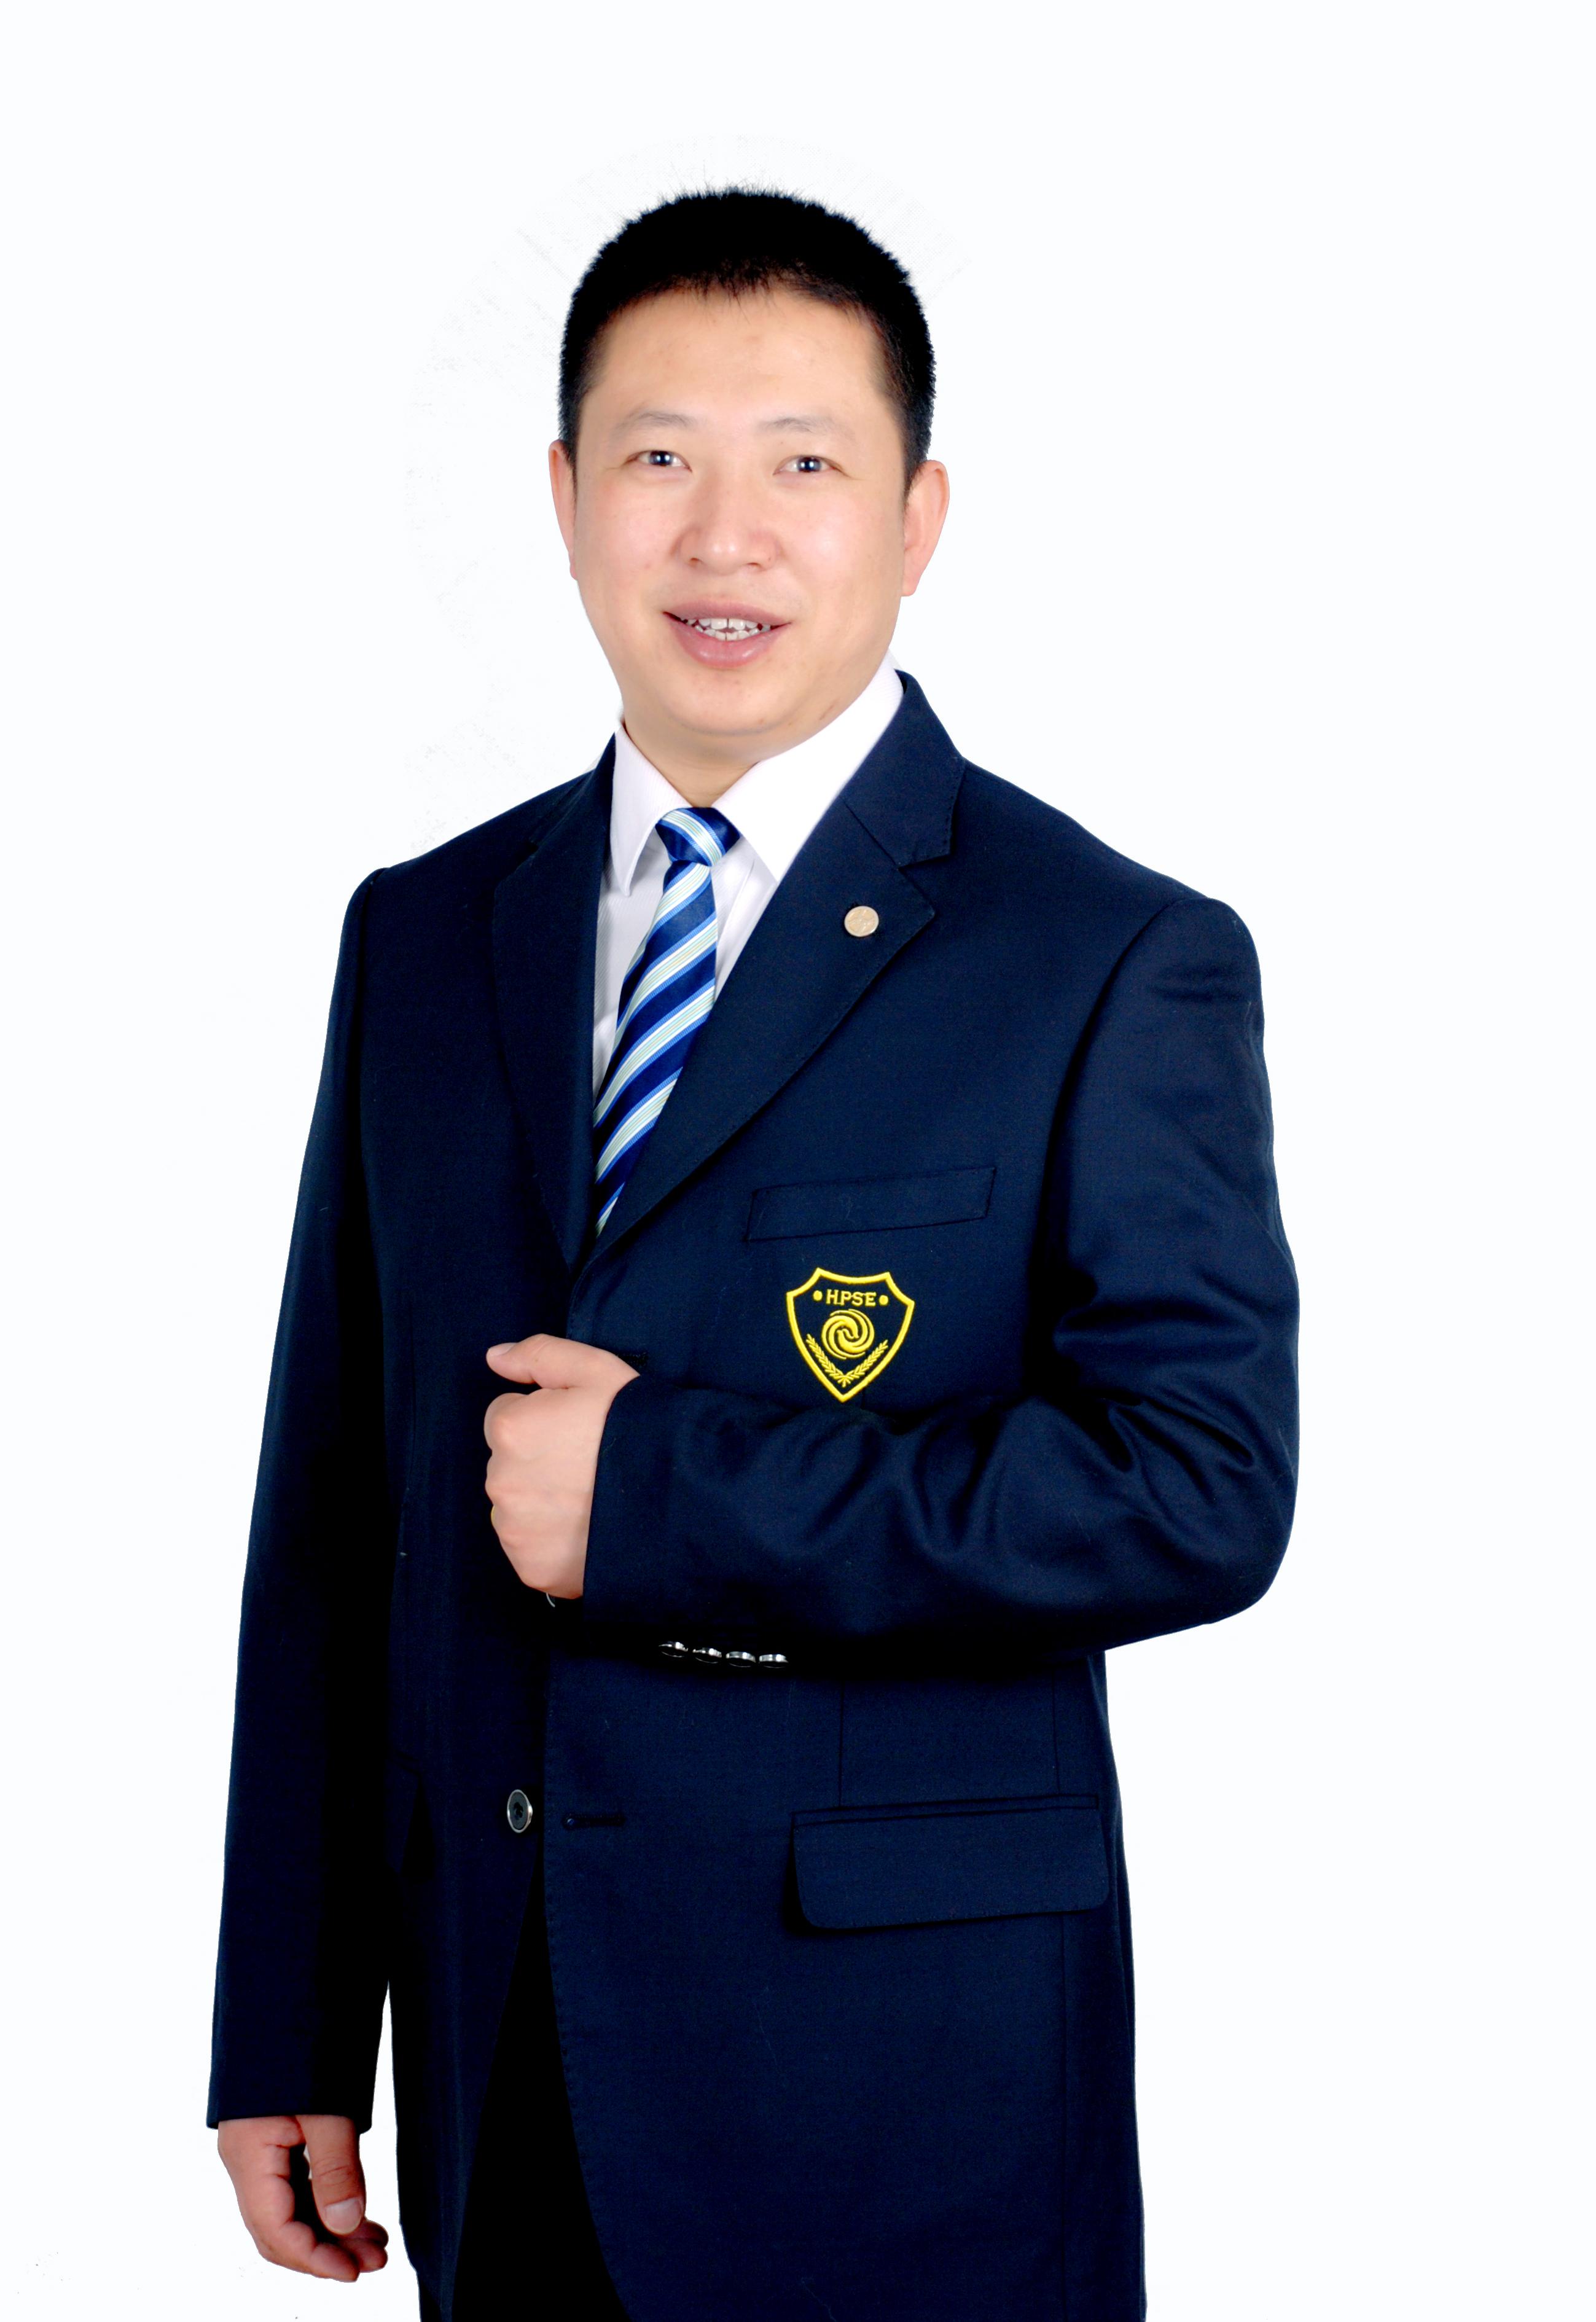 華夏人壽保險代理人陳富